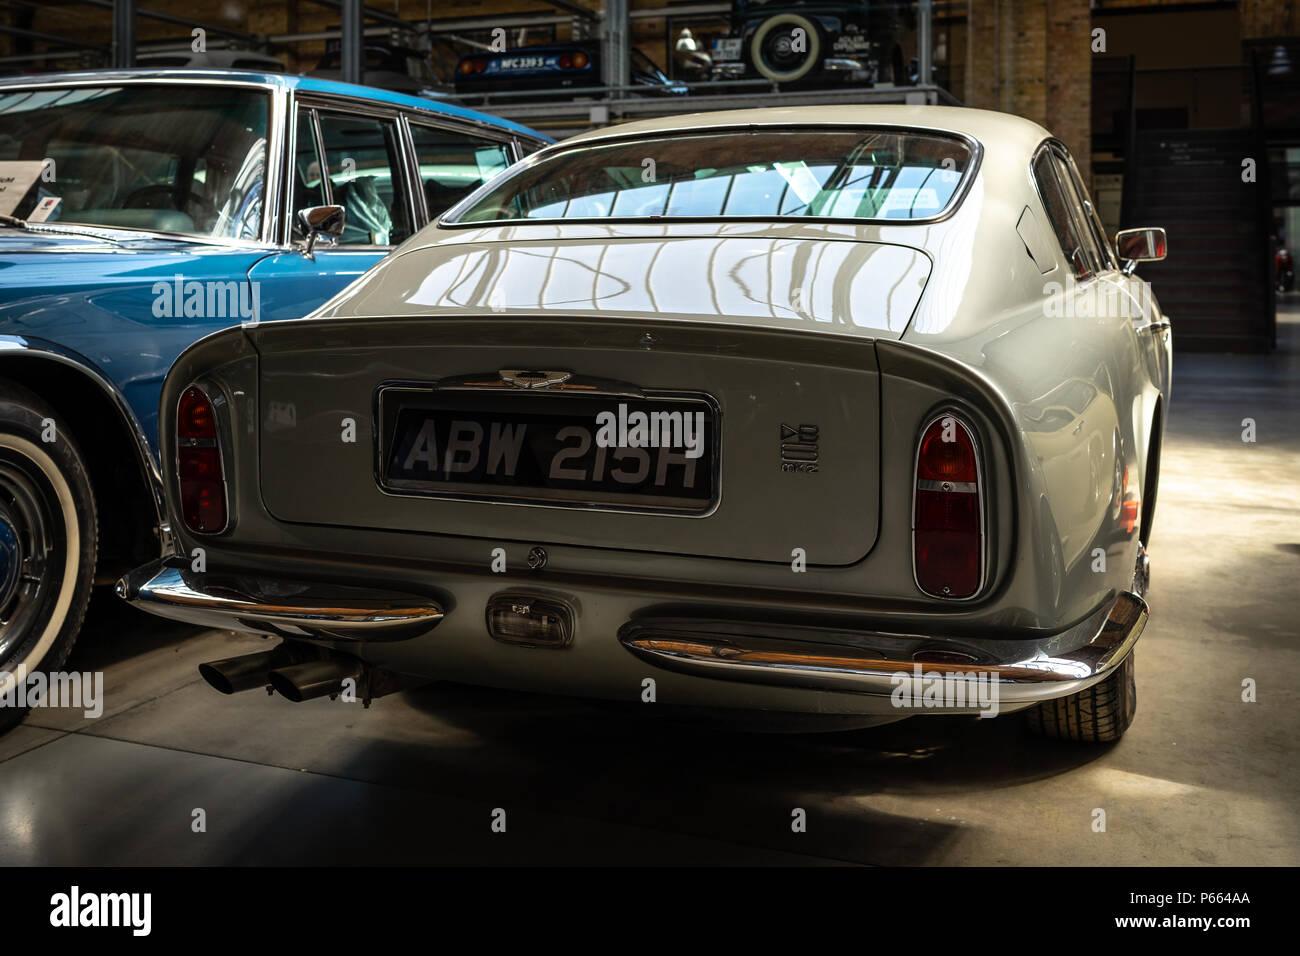 Grand Tourer Car Aston Martin Db6 Mkii 1970 Rear View Exhibition 31 Oldtimertage Berlin Brandenburg 31th Berlin Brandenburg Oldtimer Day Stock Photo Alamy